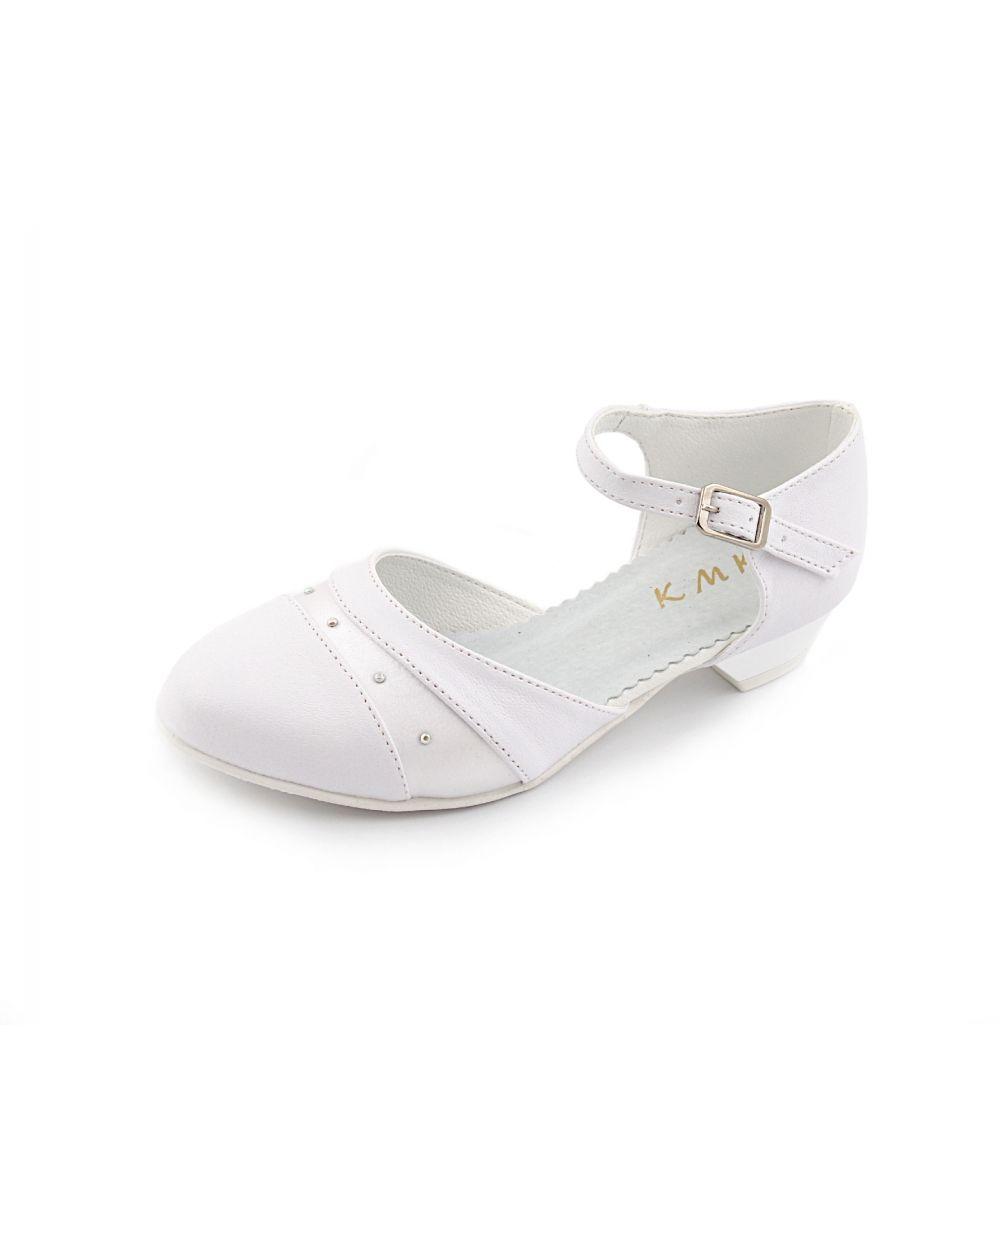 Buty Komunijne Dla Dziewczynki Communion Shoes For Girl Sklep Online Baby Shoes Shoes Flats